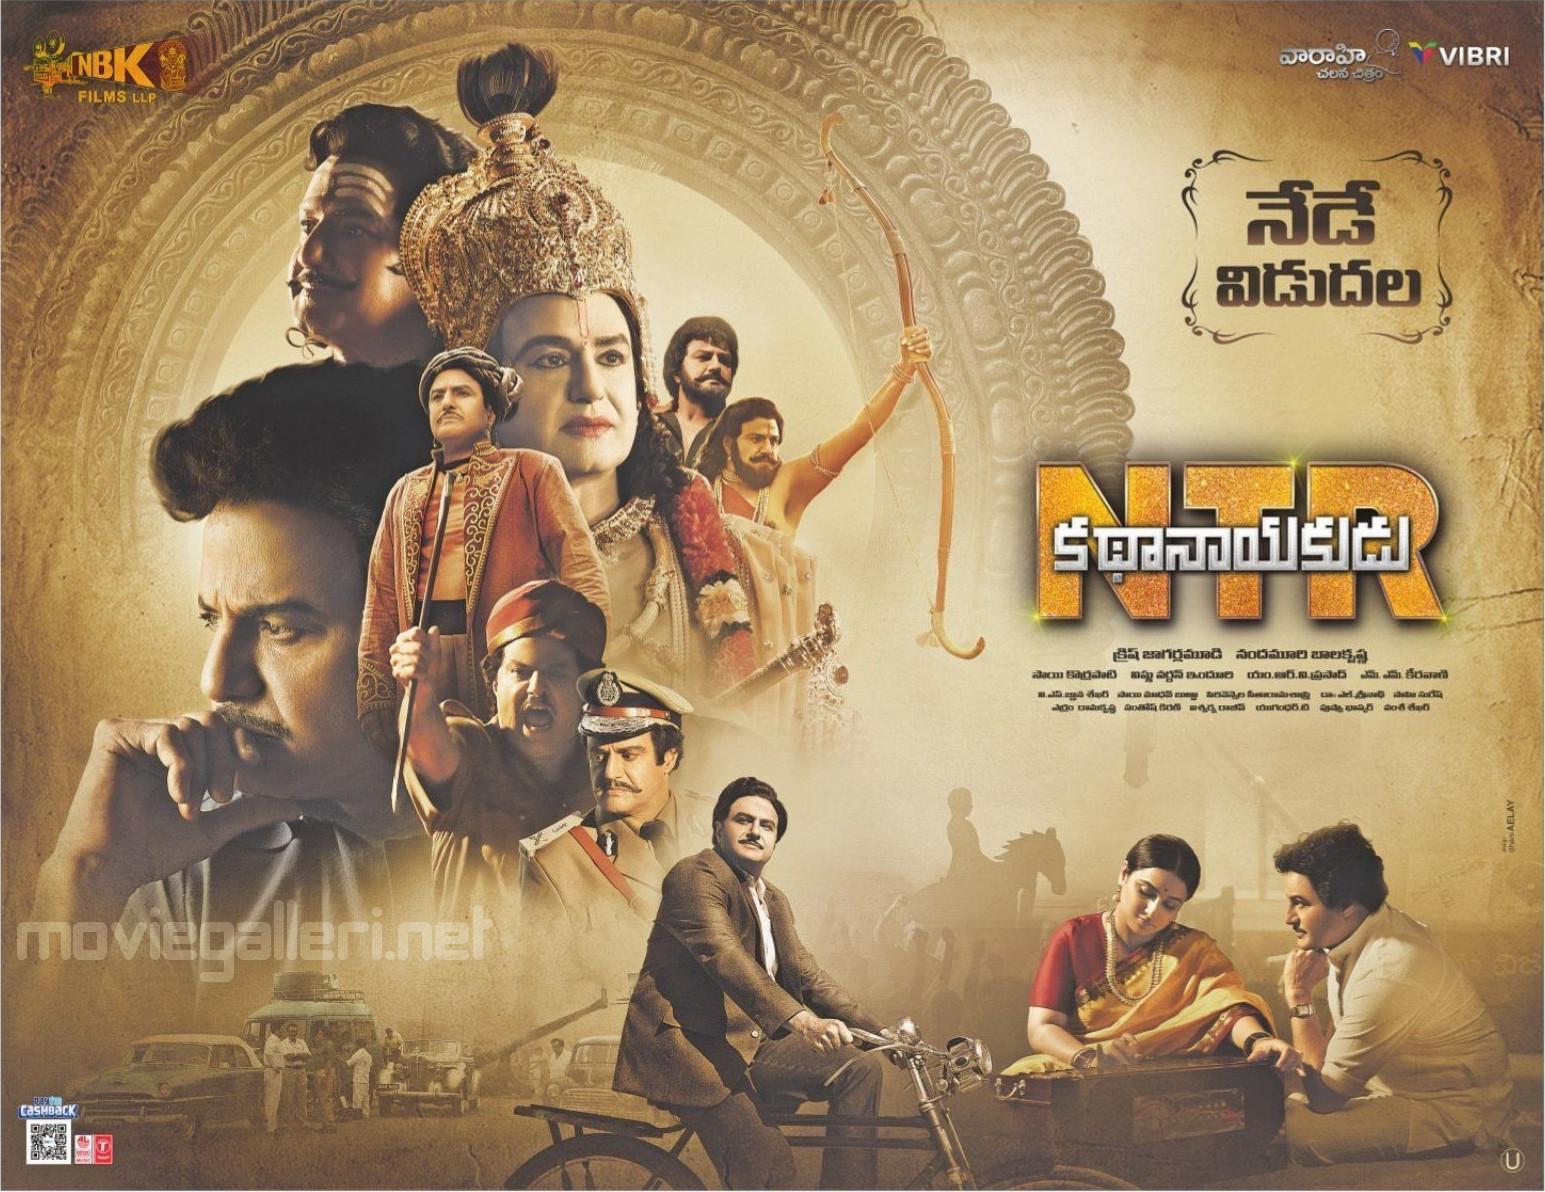 Nandamuri Balakrishna NTR Kathanayakudu Movie Release Today Poster HD